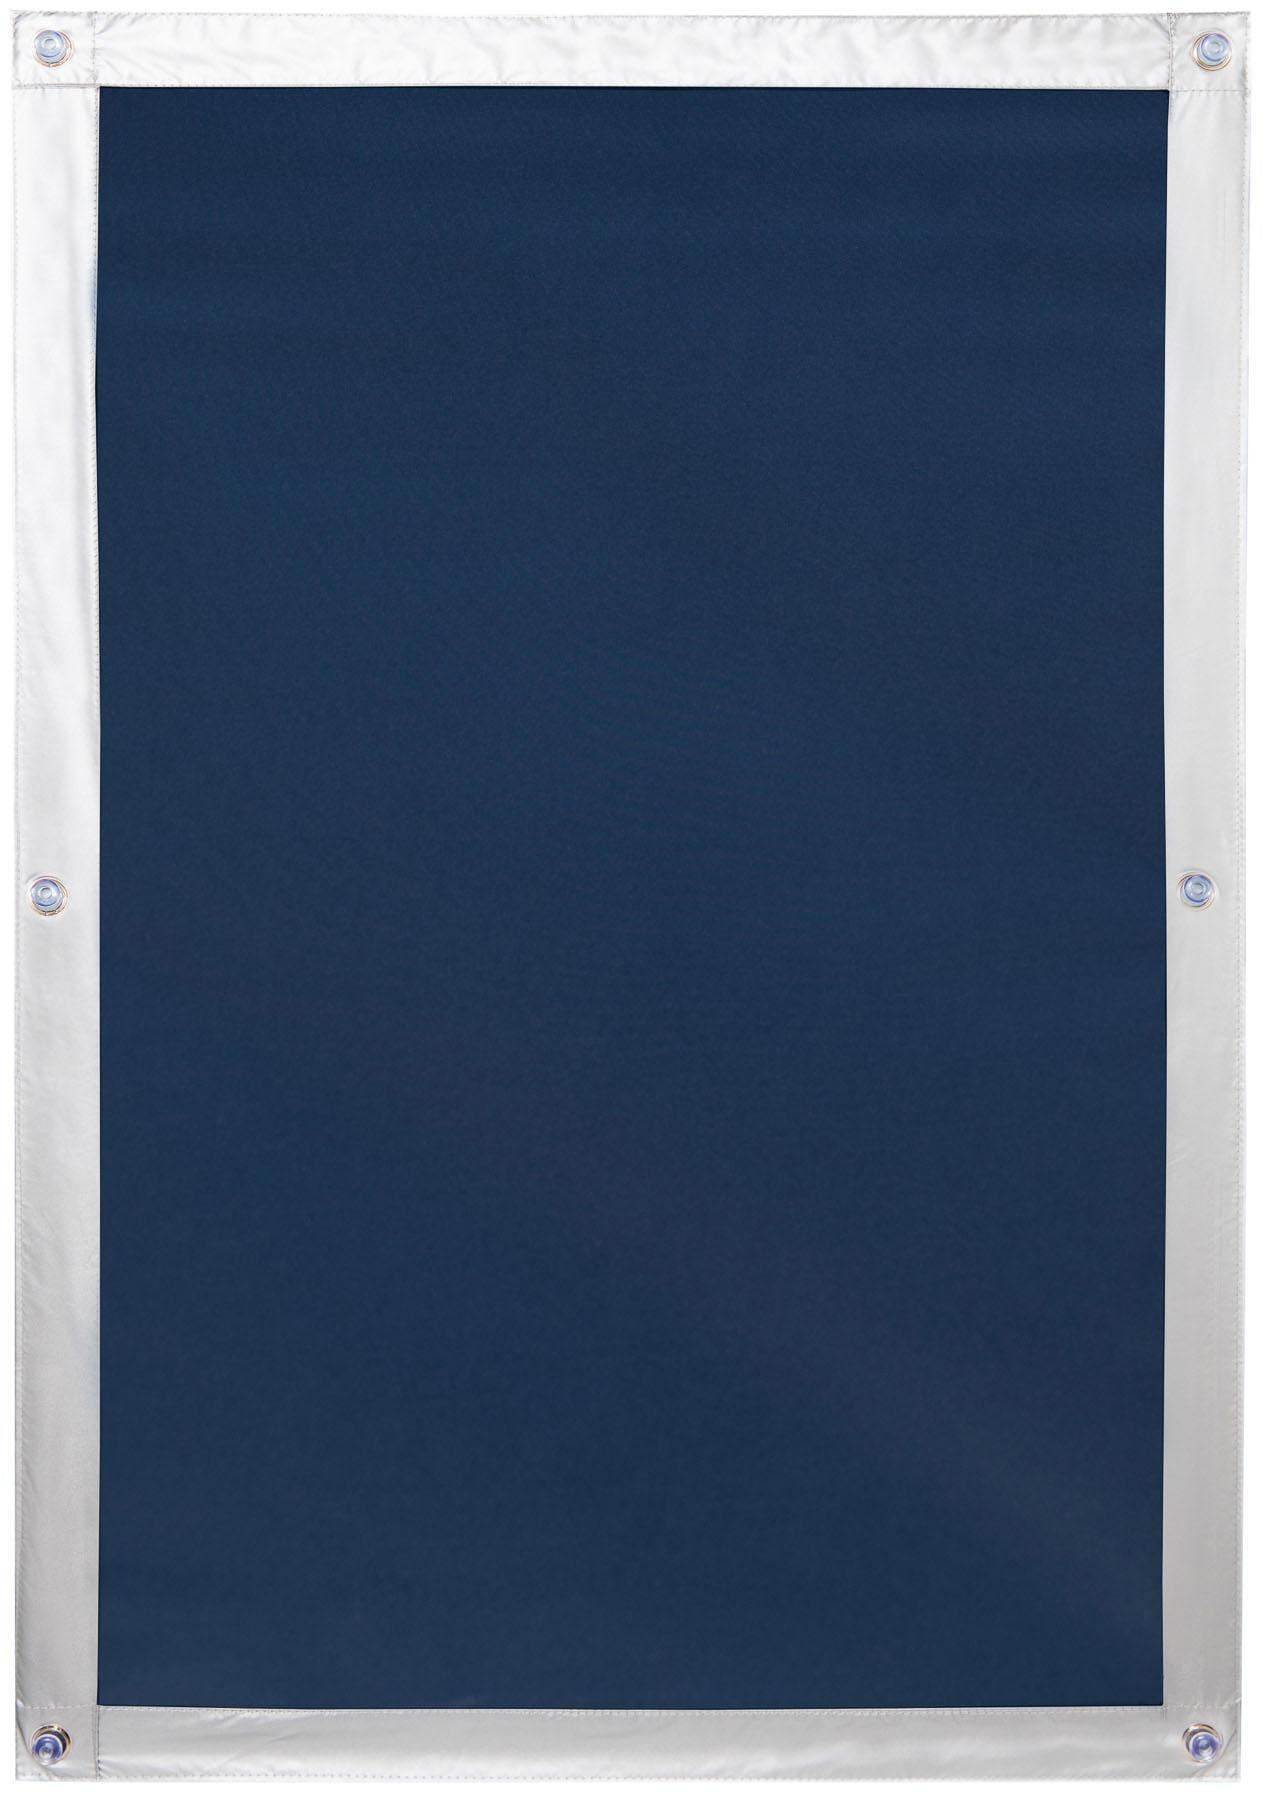 Dachfensterrollo Haftfix Hitzeschutz Abdunkelung LICHTBLICK verdunkelnd ohne Bohren verspannt Wohnen/Wohntextilien/Rollos & Jalousien/Rollos/Dachfensterrollos